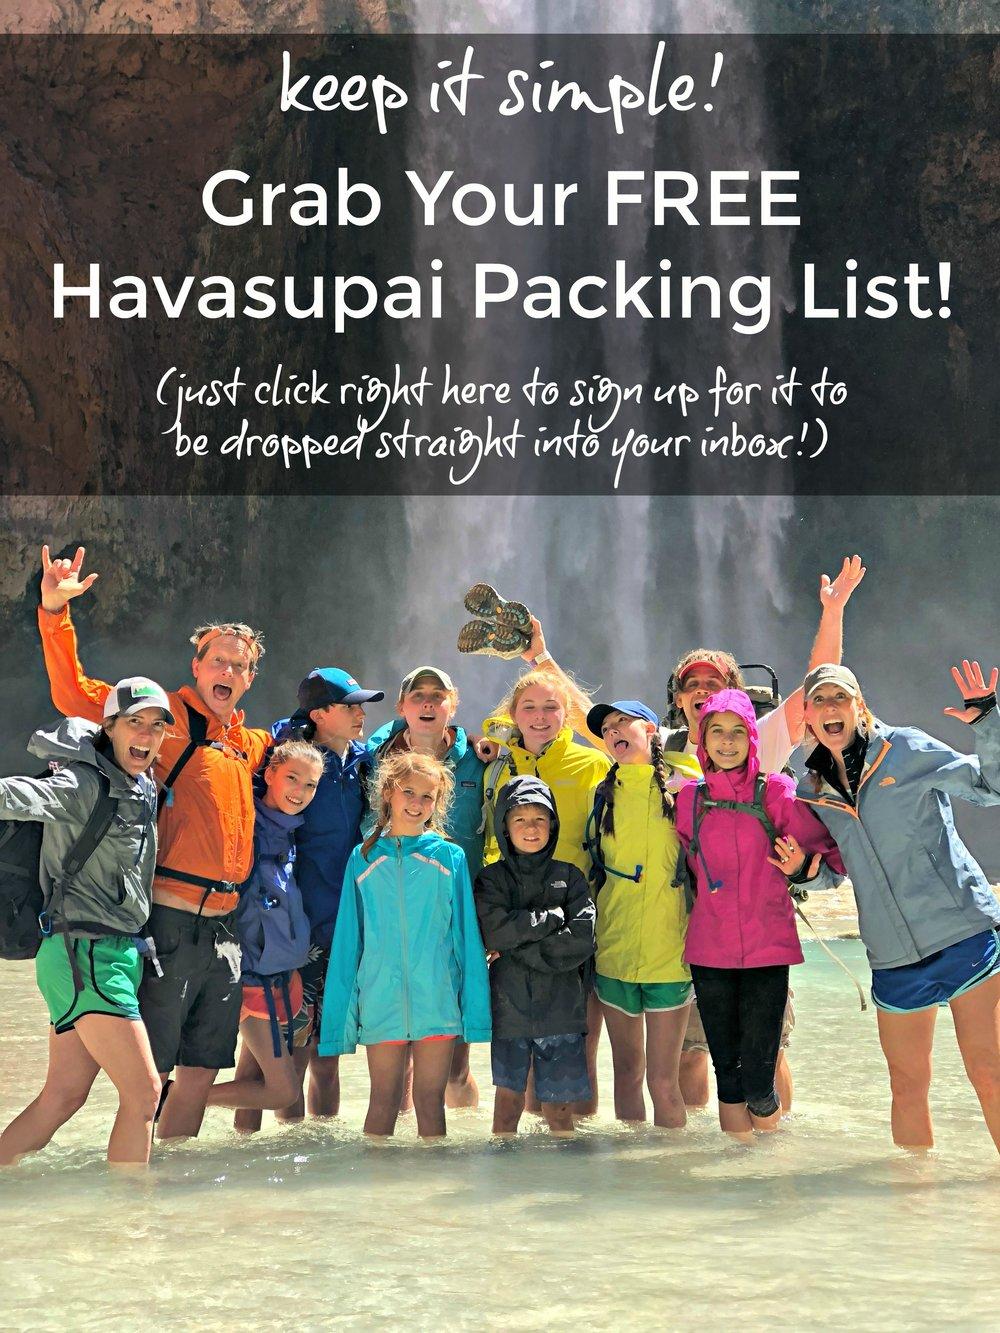 Free Havasupai packing list